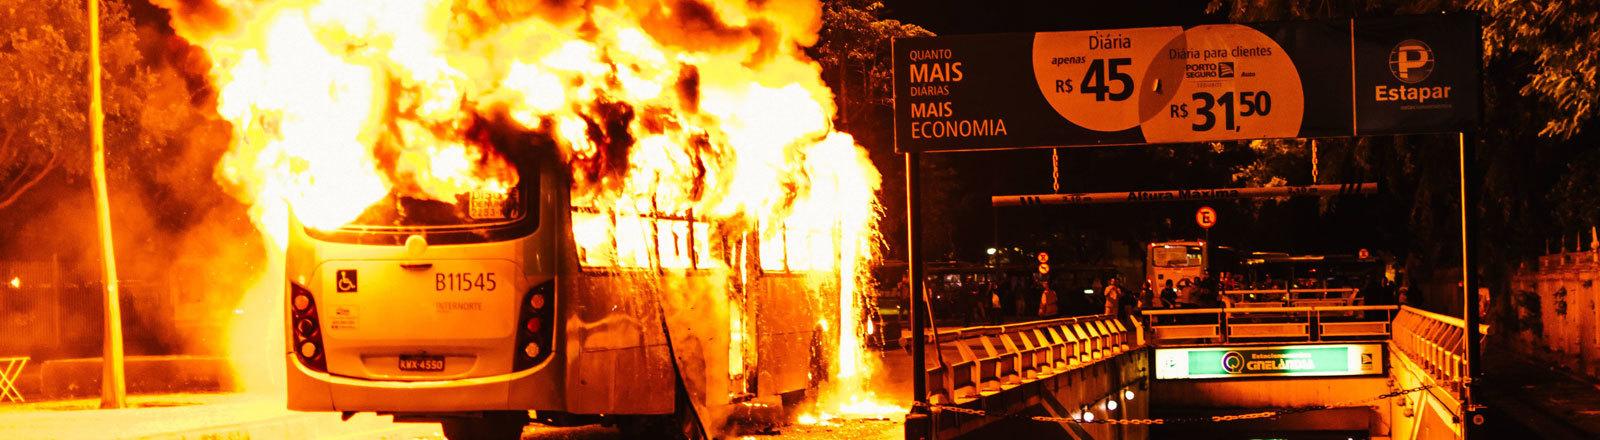 Gewalt beim Generalstreik in Brasilien: In Rio de Janeiro wurden Busse angezündet